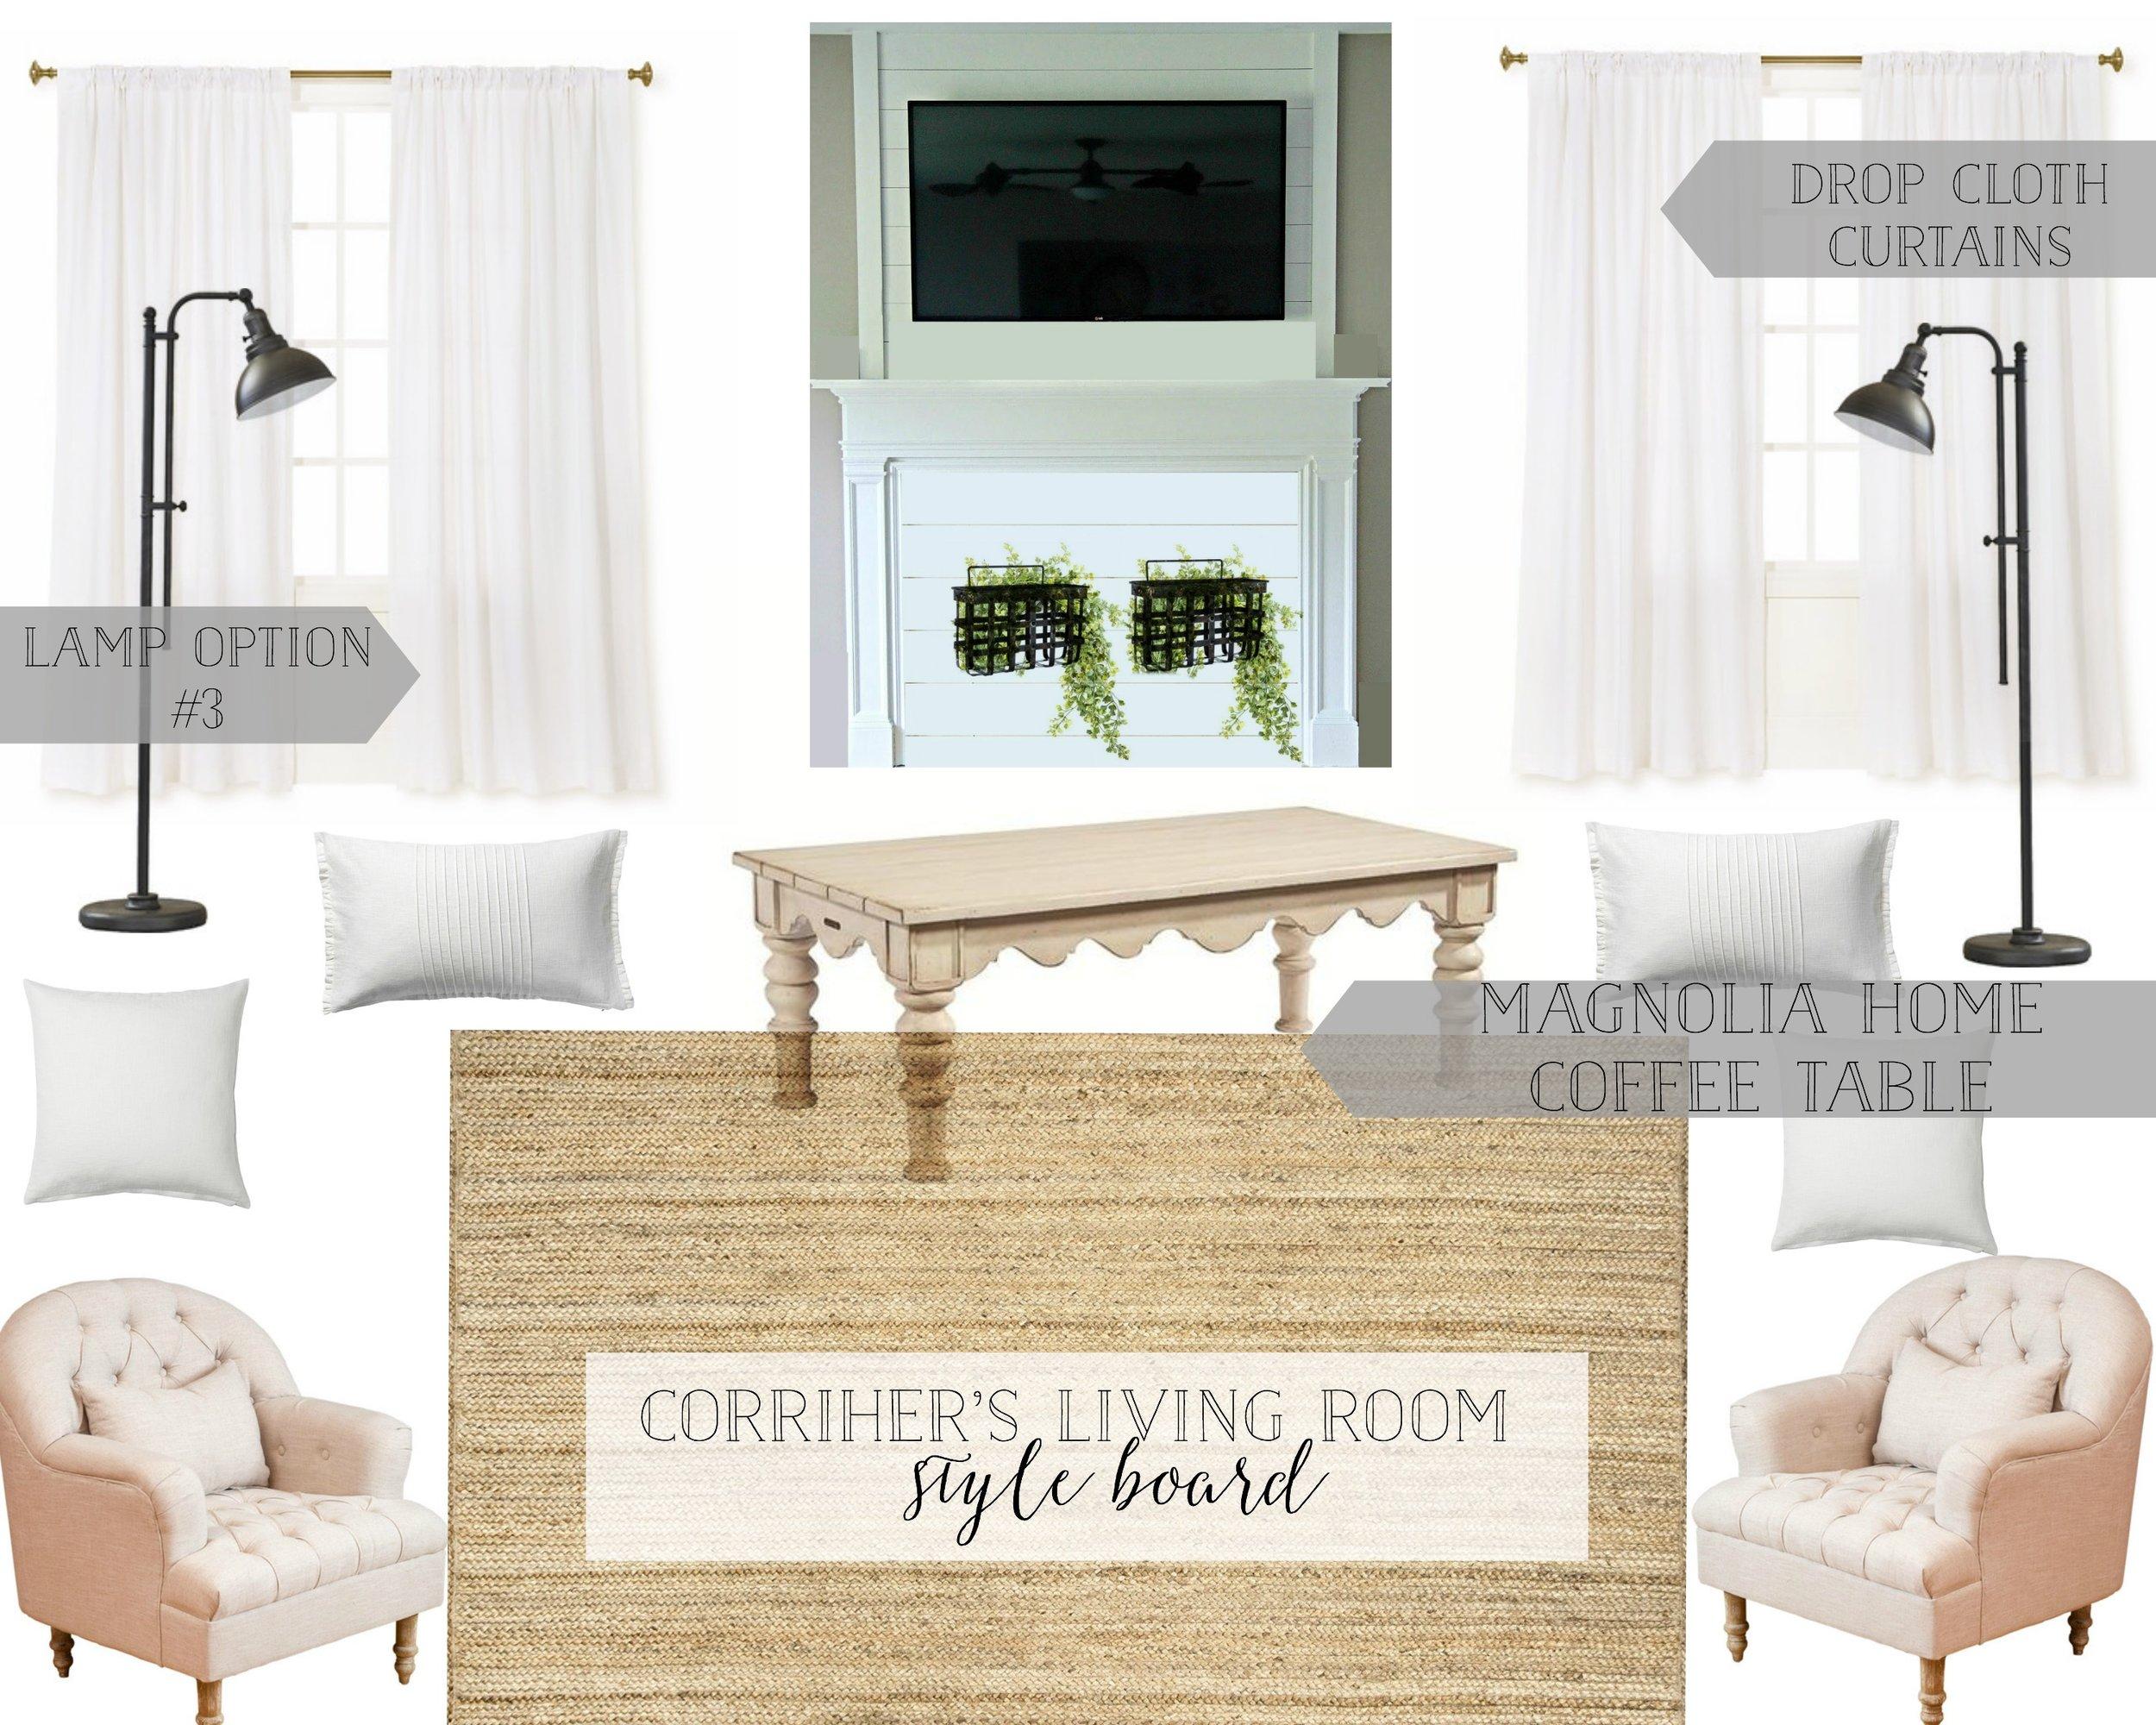 Farmhouse Living Room Style Board- Plum Pretty Decor and Design